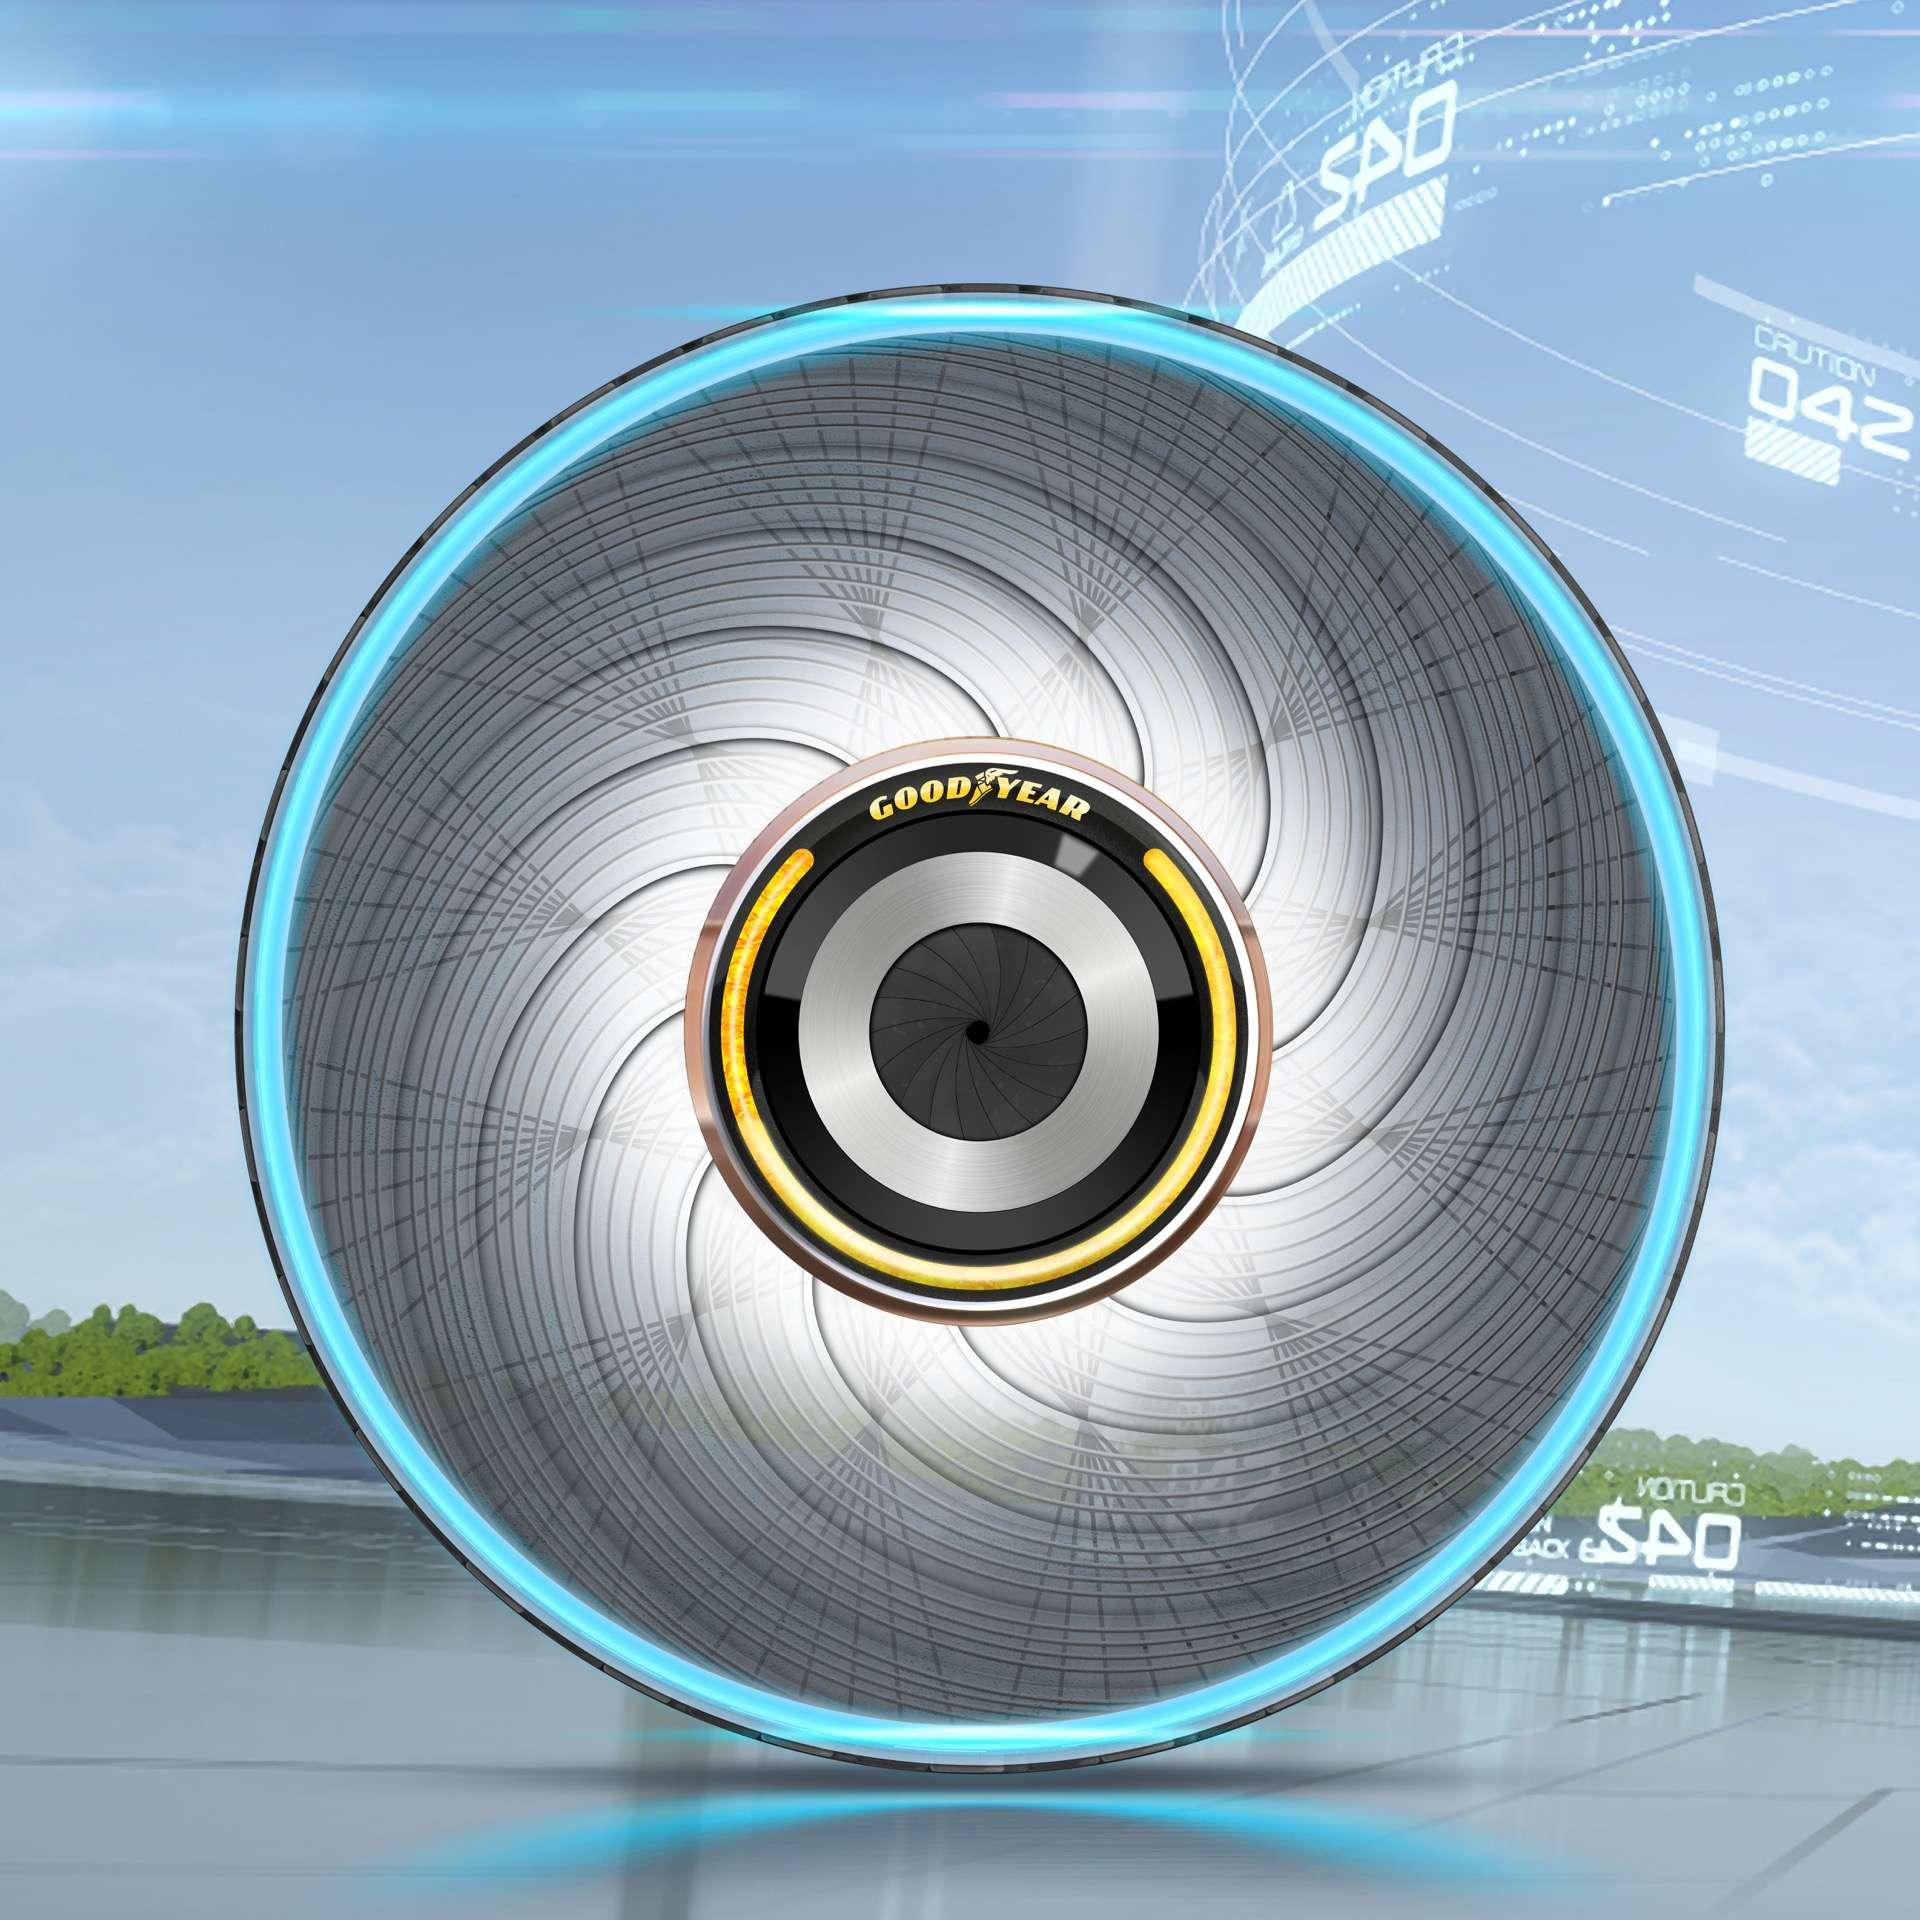 Goodyear dévoile son dernier concept de pneu d'auto-régénération révolutionnaire, équipé de capsules personnalisées. © Goodyear